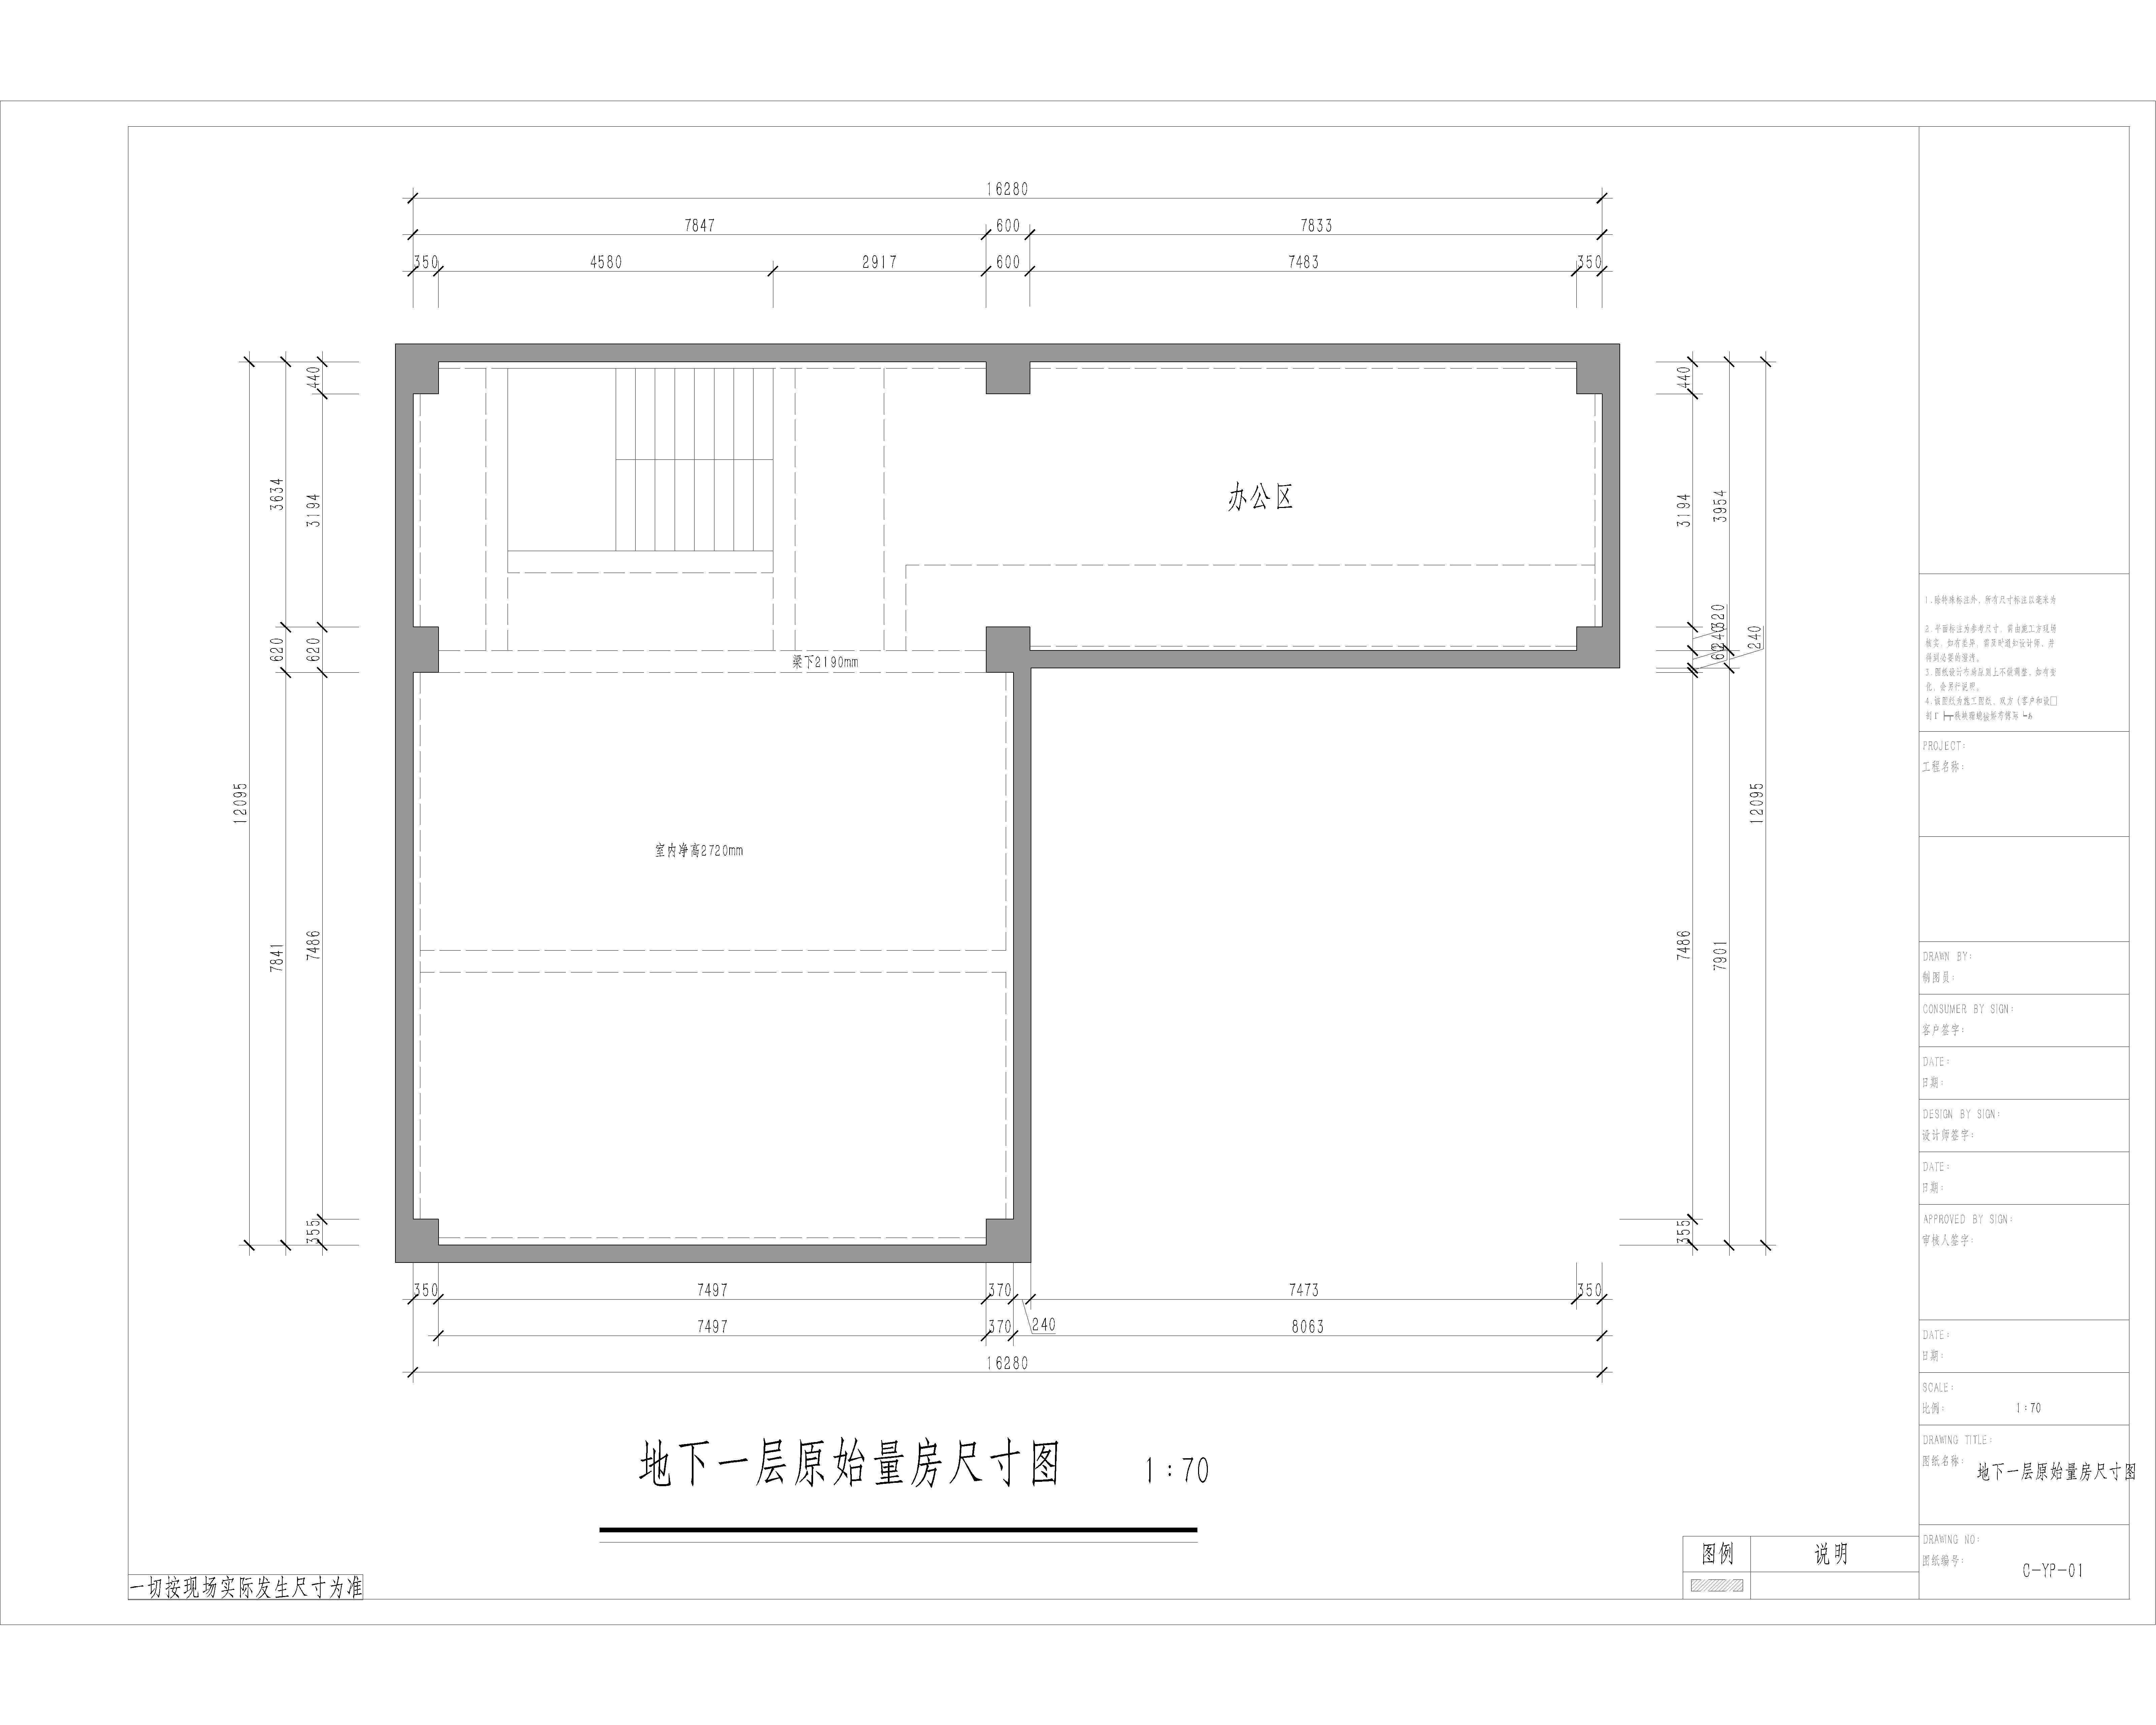 远洋傲北-360平米-现代+新古典装修设计理念